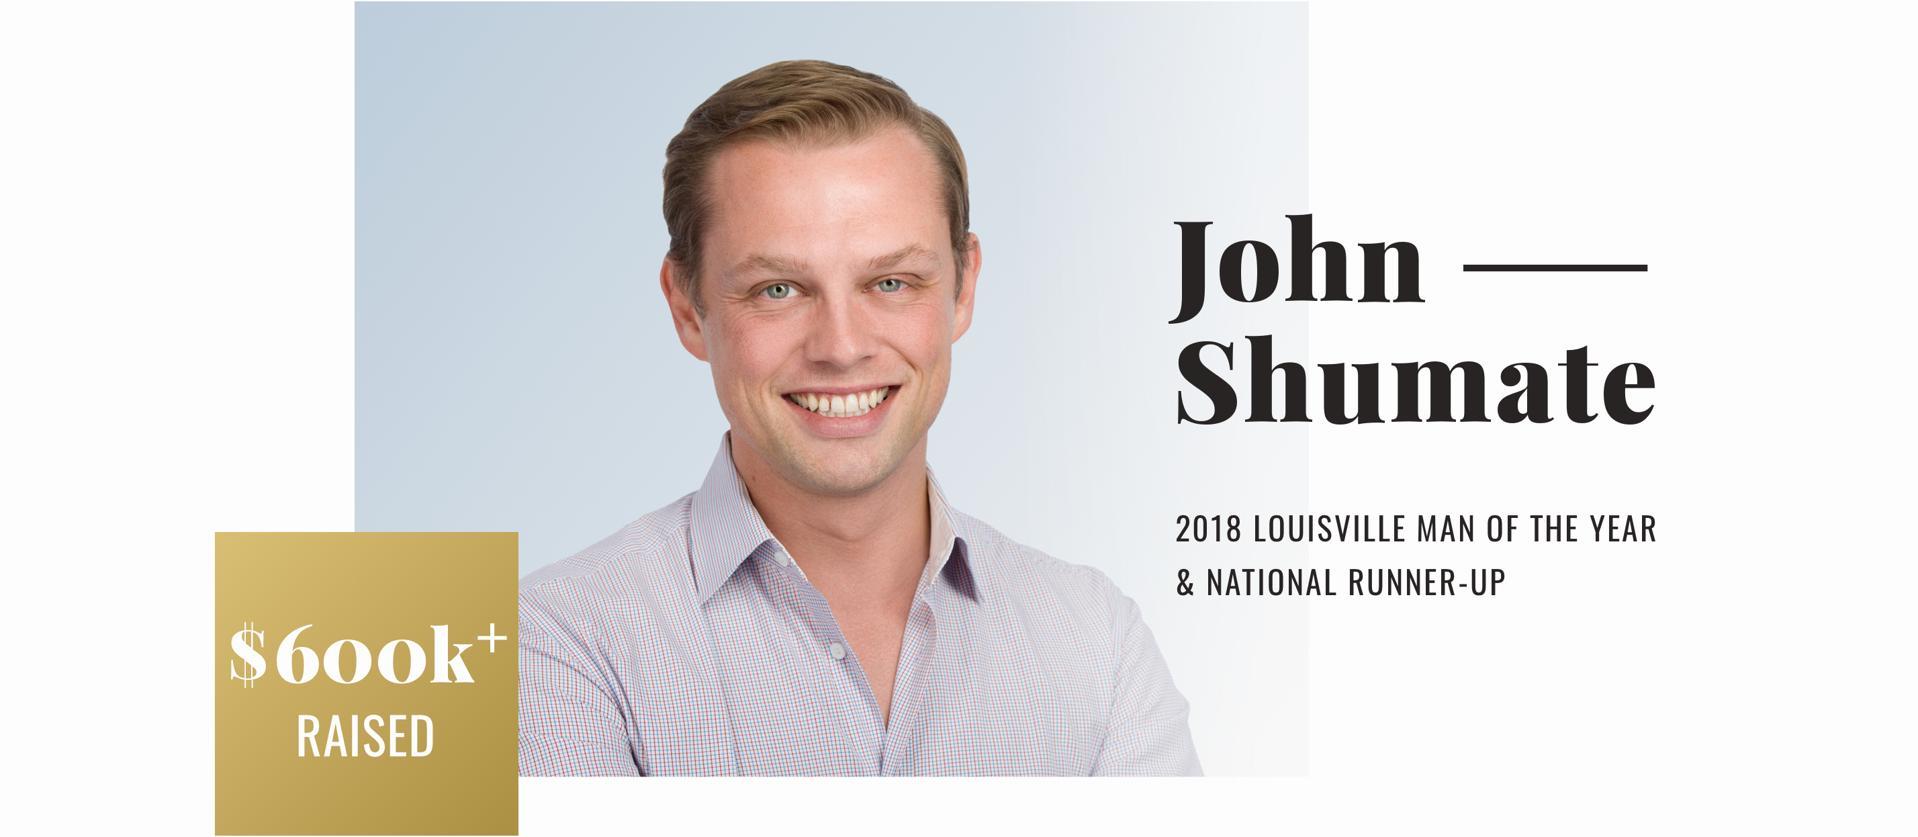 John Shumate, 2018 Louisville Man of the Year & National Runner-Up, over $600K Raised